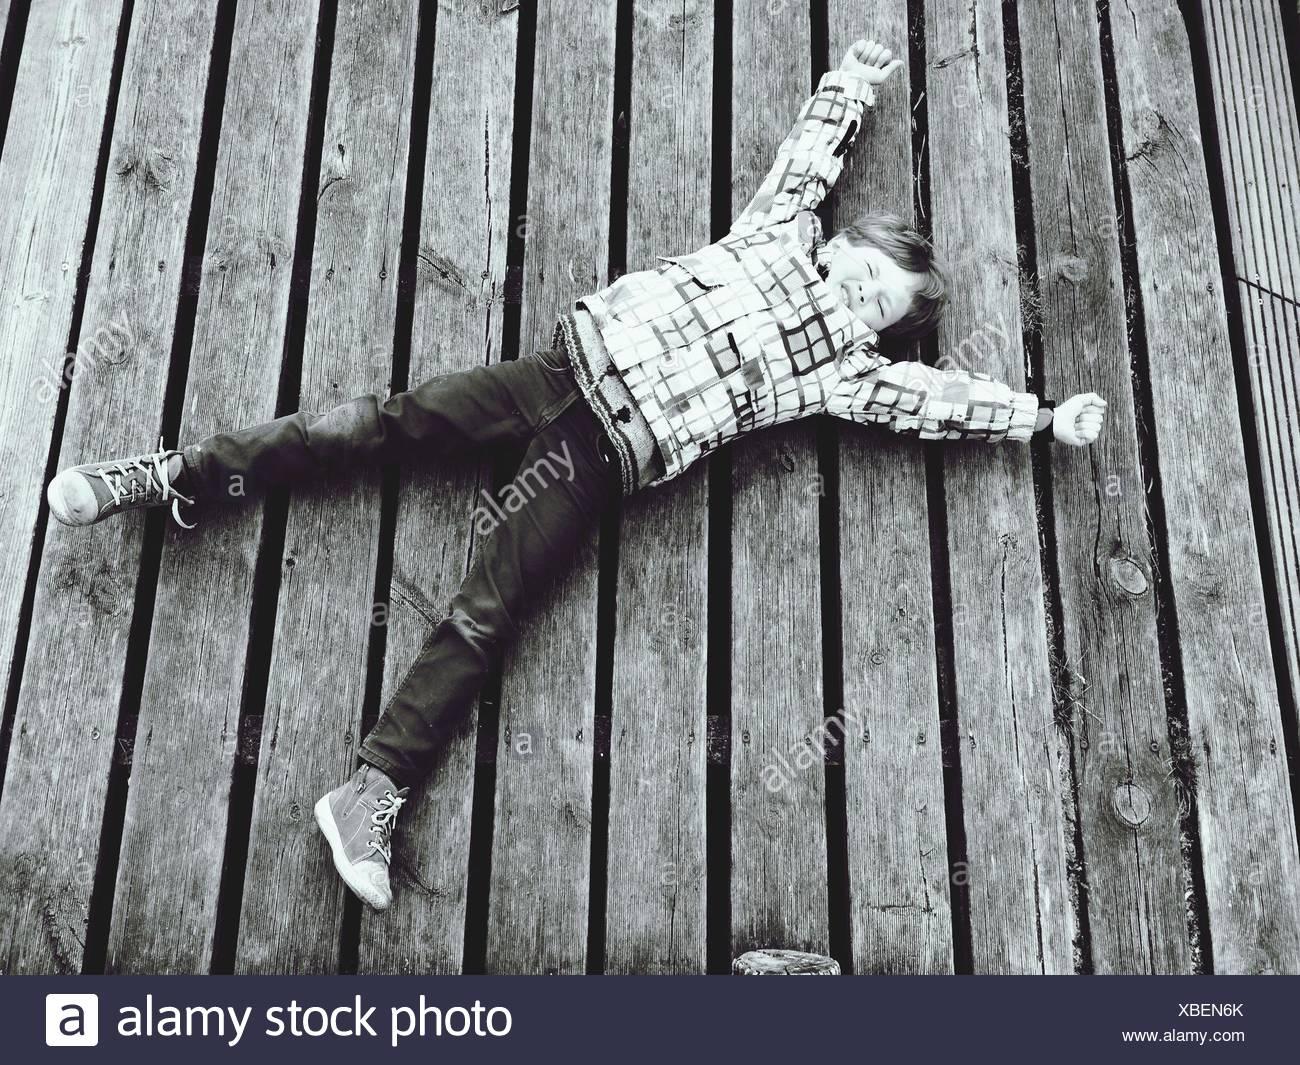 La longitud total del niño mientras está acostado sobre la rambla de estiramiento Imagen De Stock